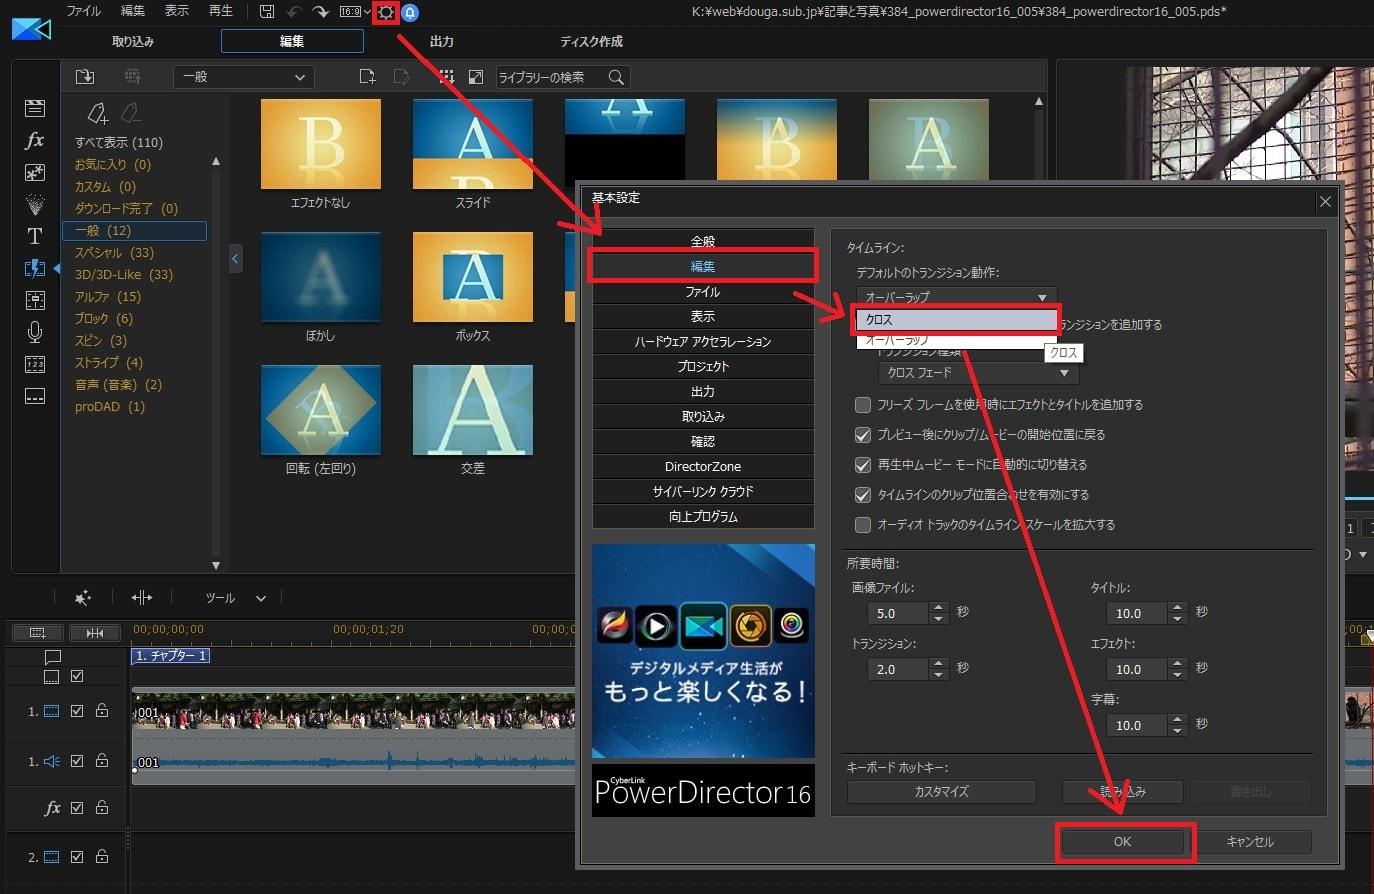 トランジションモードをオーバーラップからクロスに変更する方法 PowerDirector16の使い方